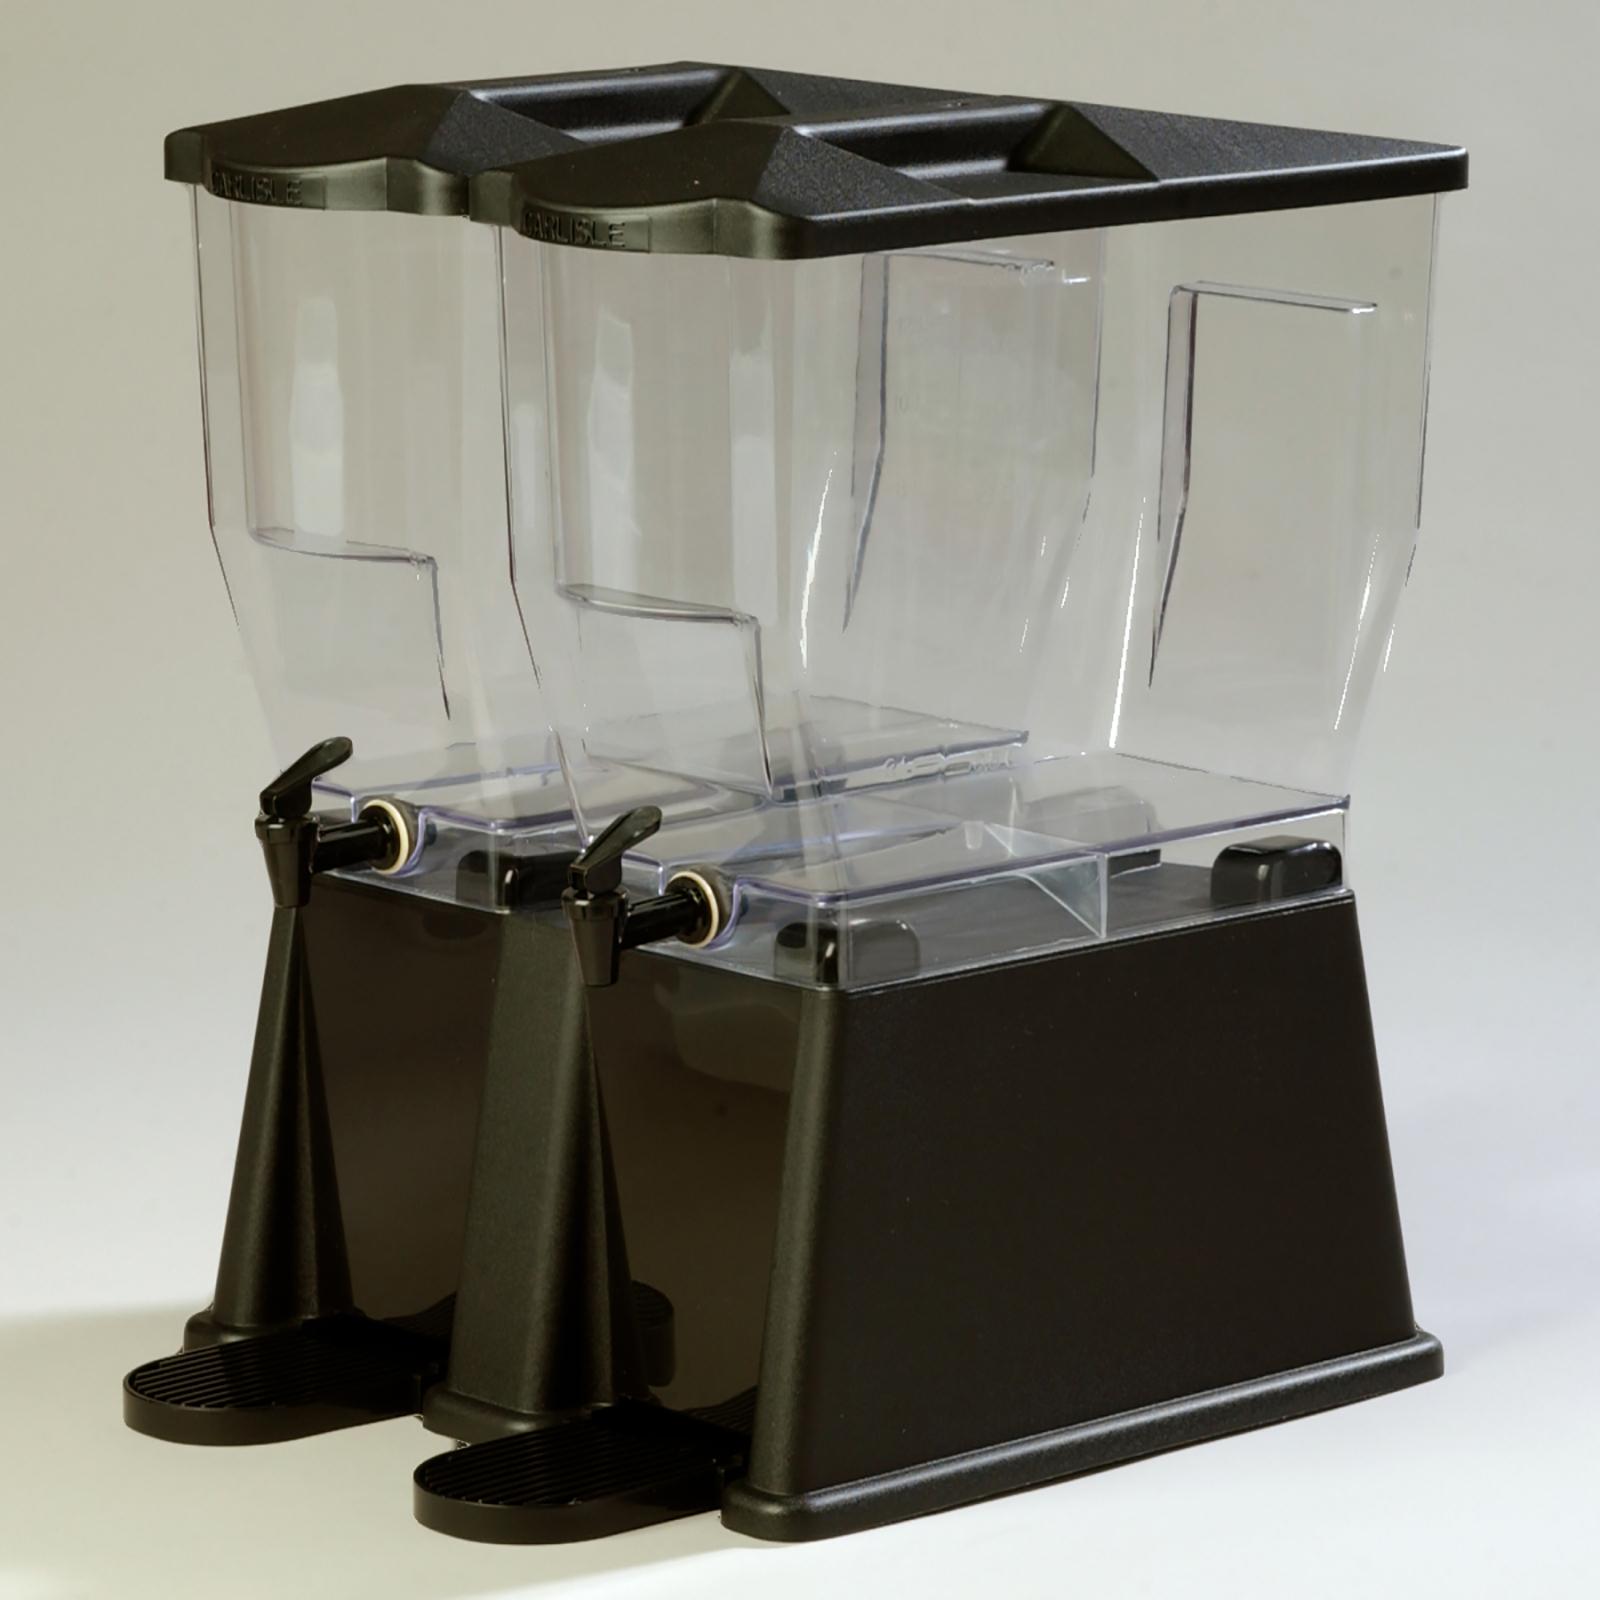 Carlisle 1085303 beverage dispenser, non-insulated